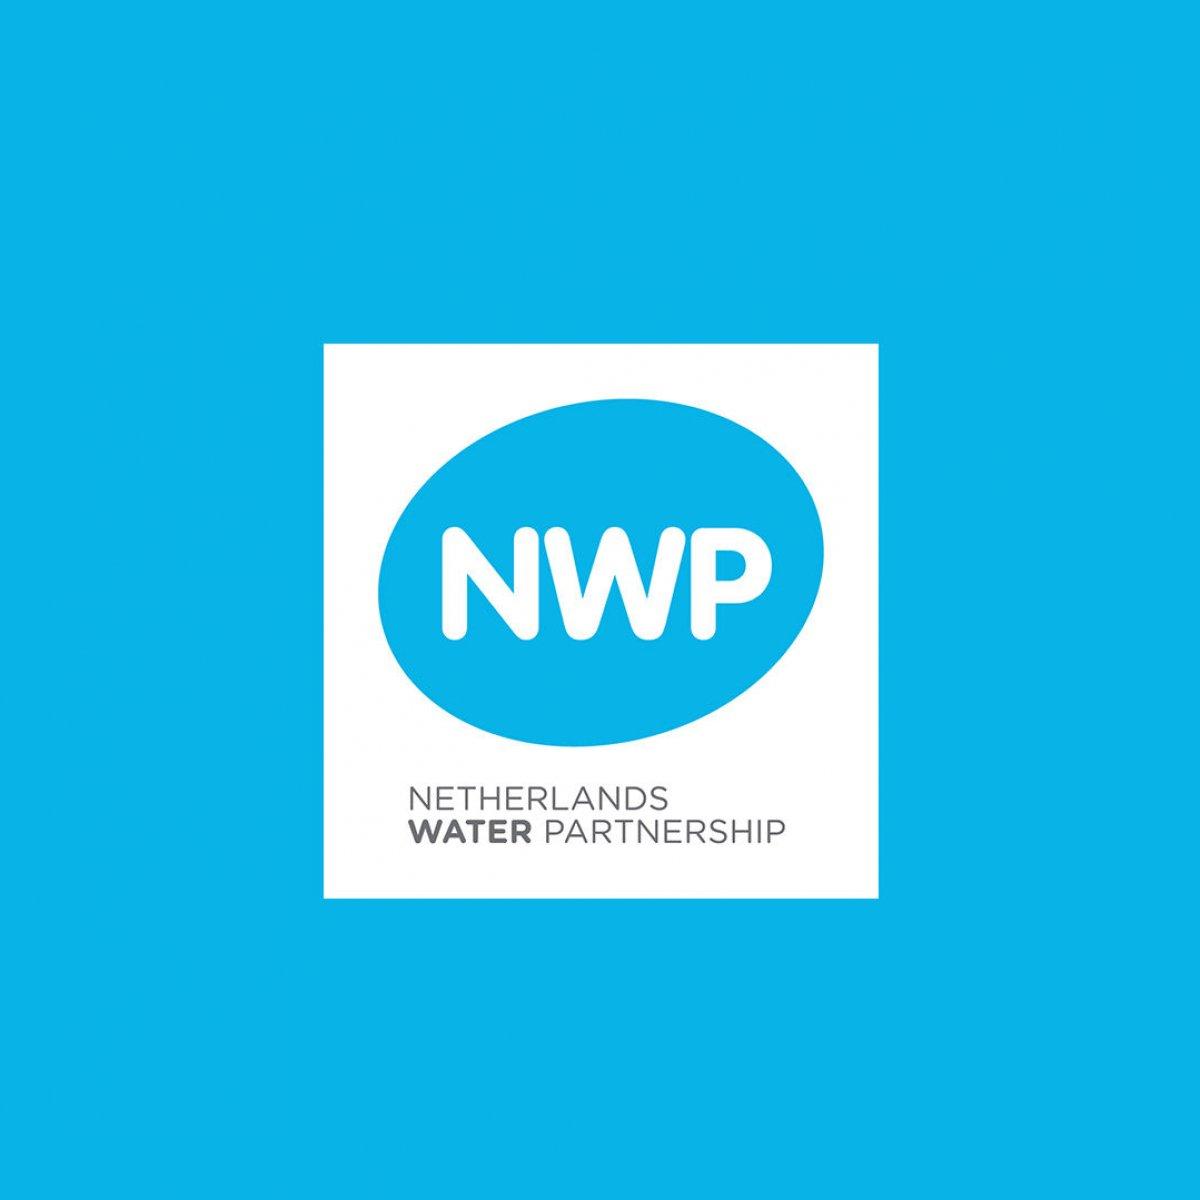 nwp.nl